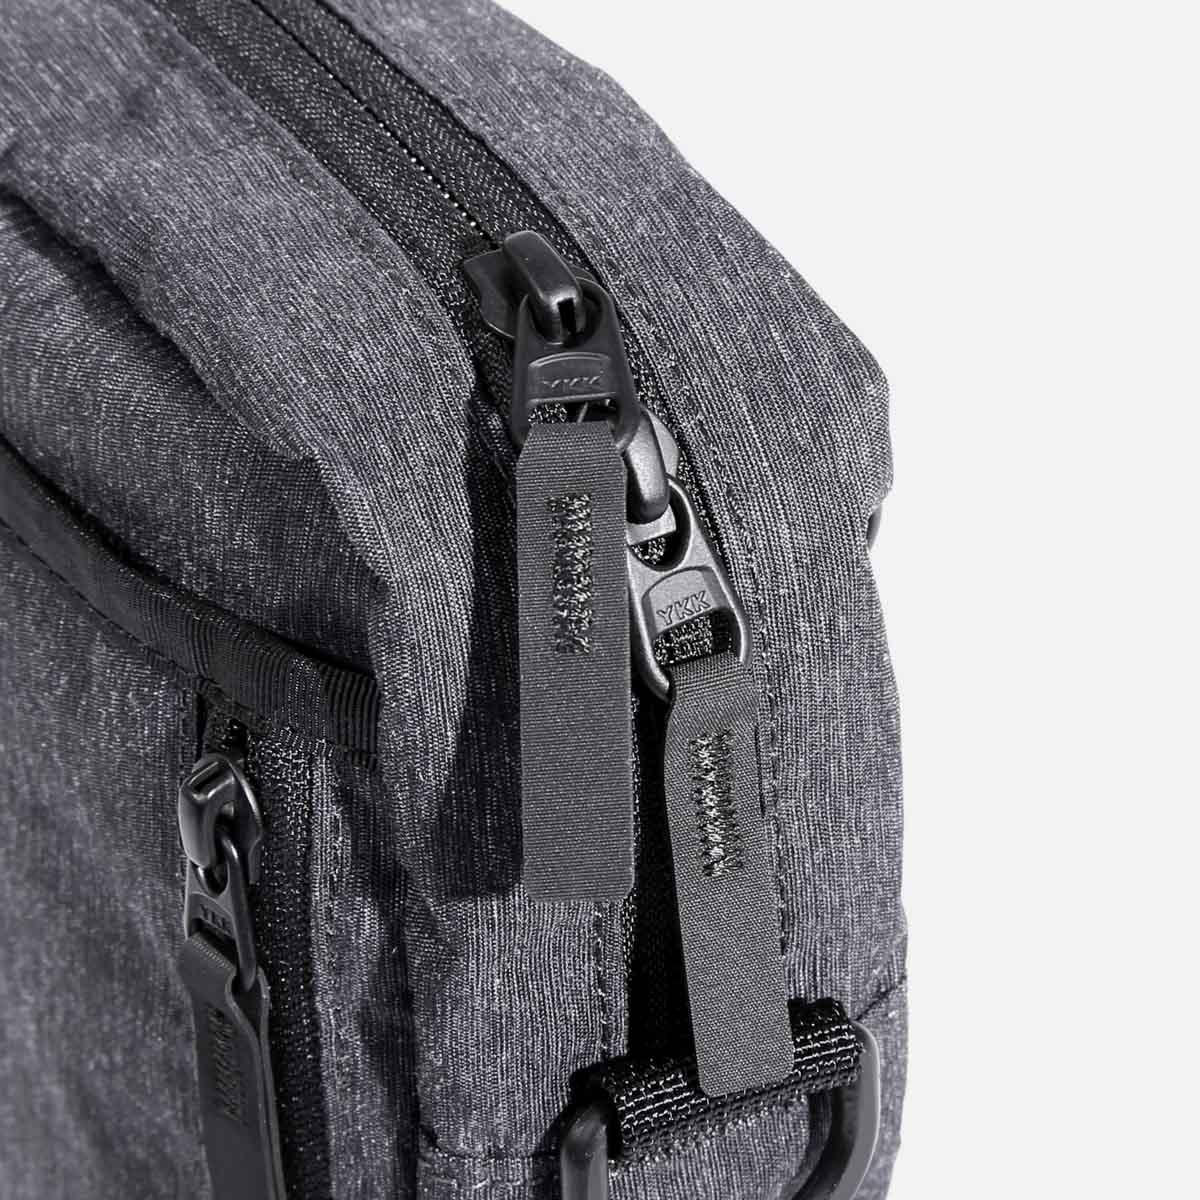 Easy-grip Hypalon zipper pulls.